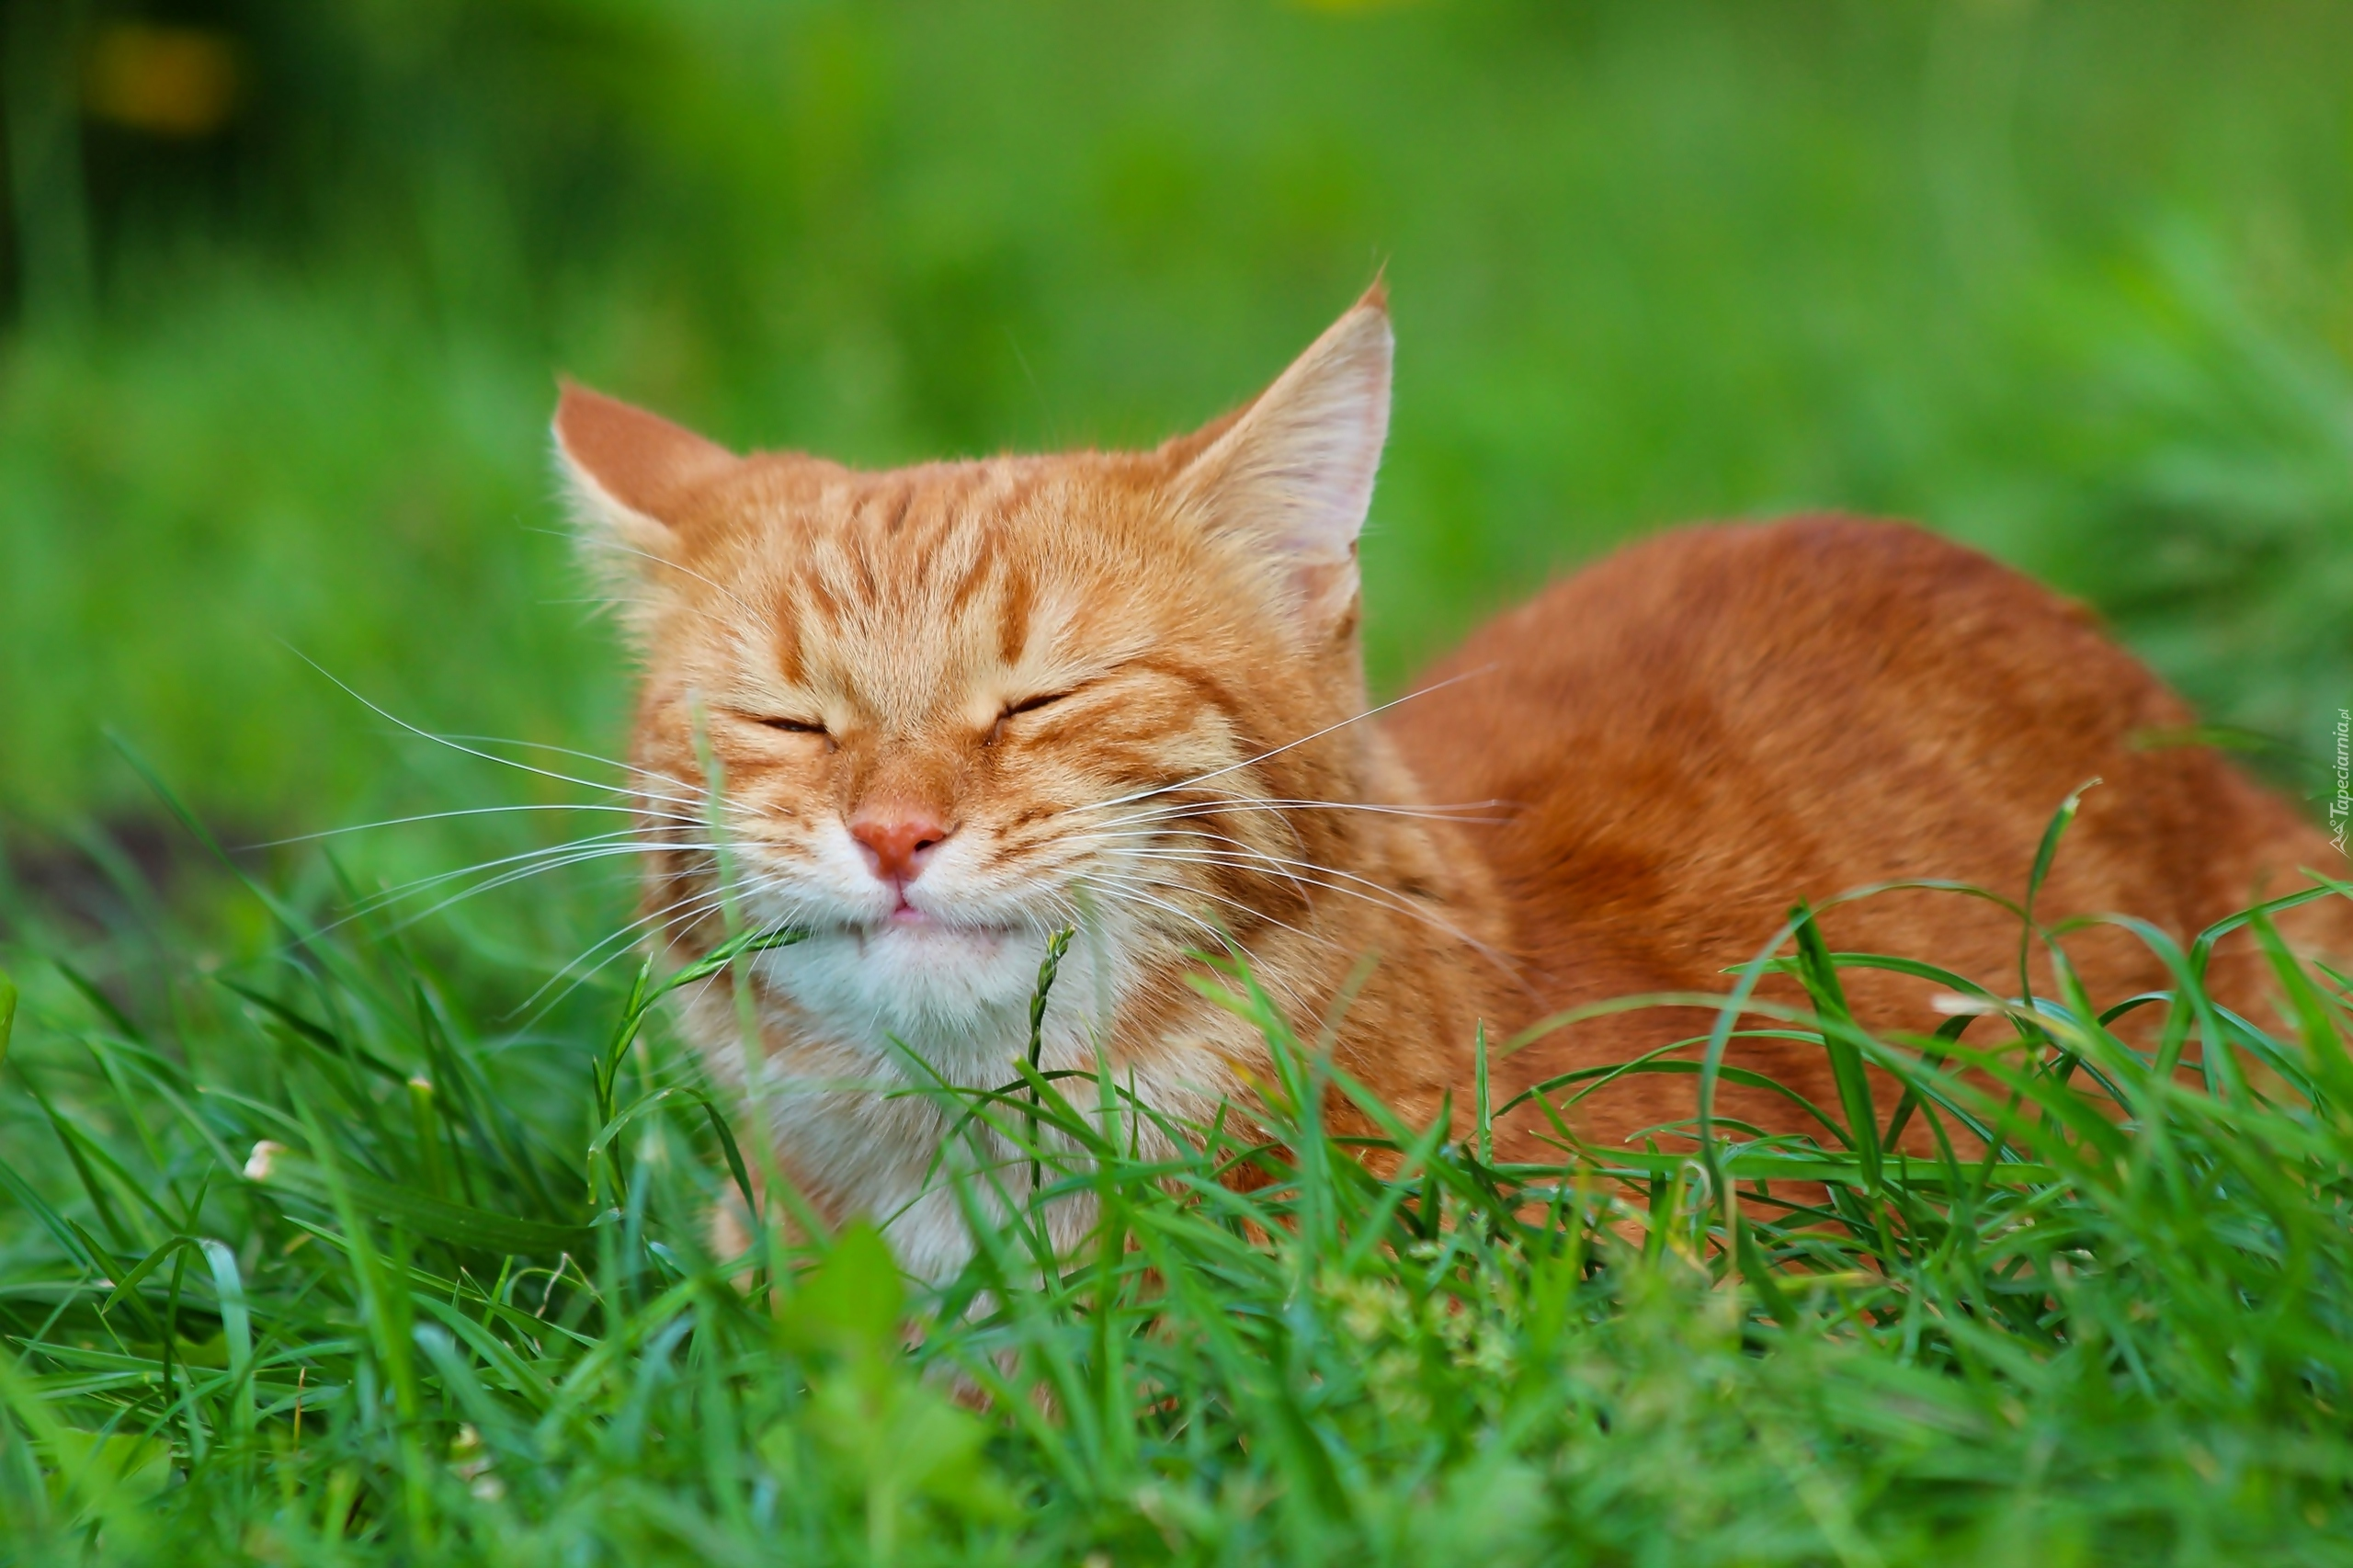 Rudy Kot Z Zamkniętymi Oczami W Trawie